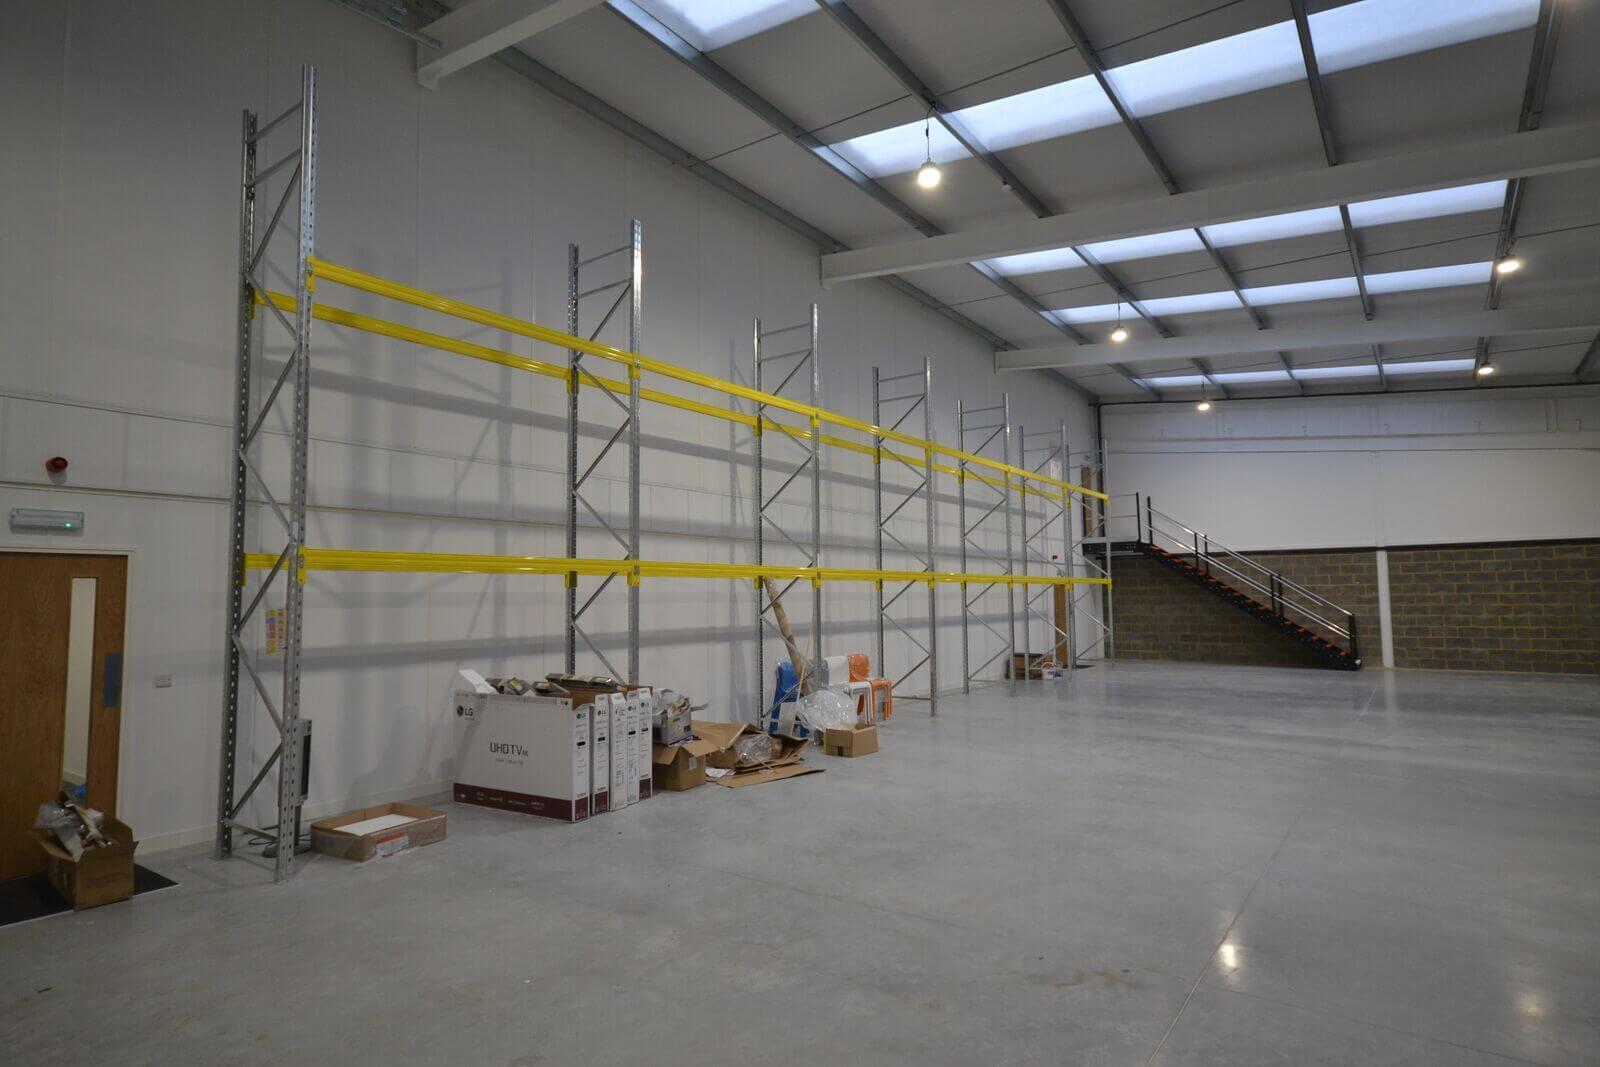 Mezzanine Flooring Washington West Sussex